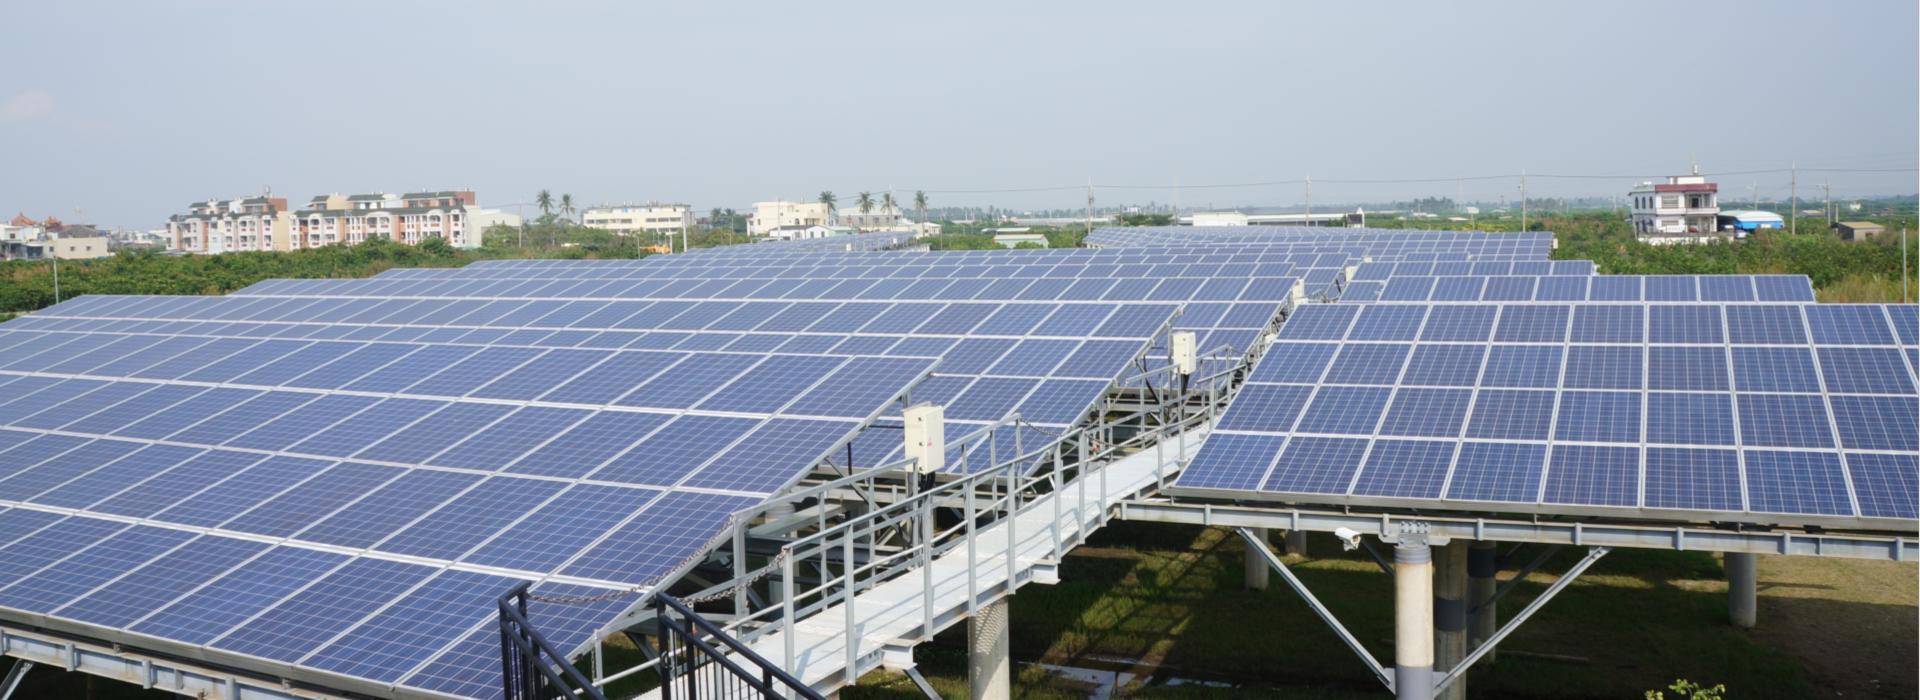 以能源轉型驅動臺灣成為亞洲綠能產業重要據點